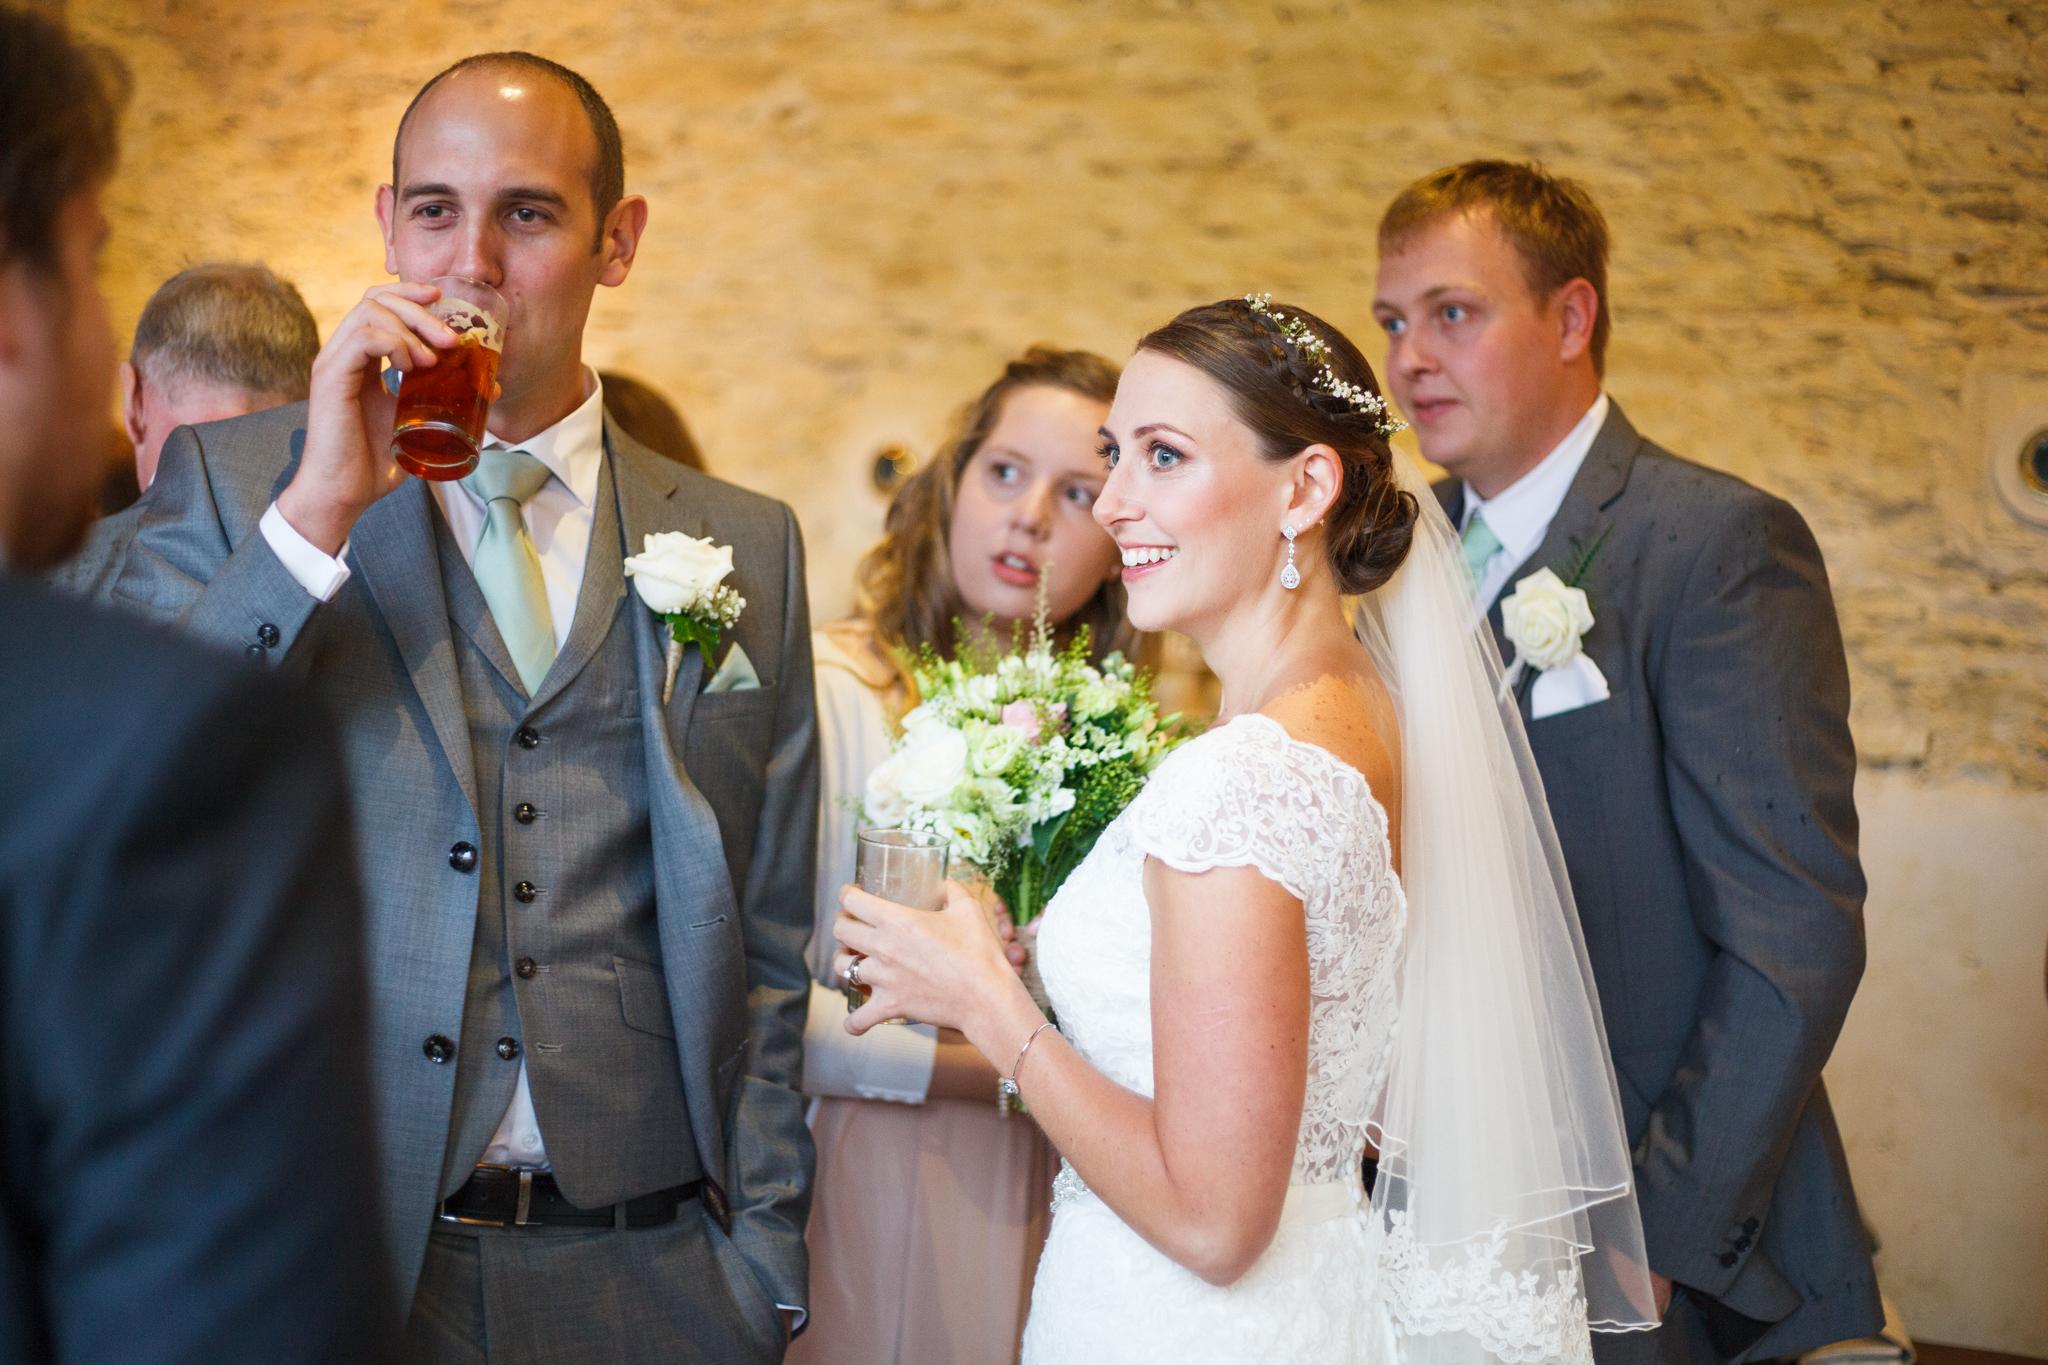 Simon_Rawling_Wedding_Photography-129.jpg